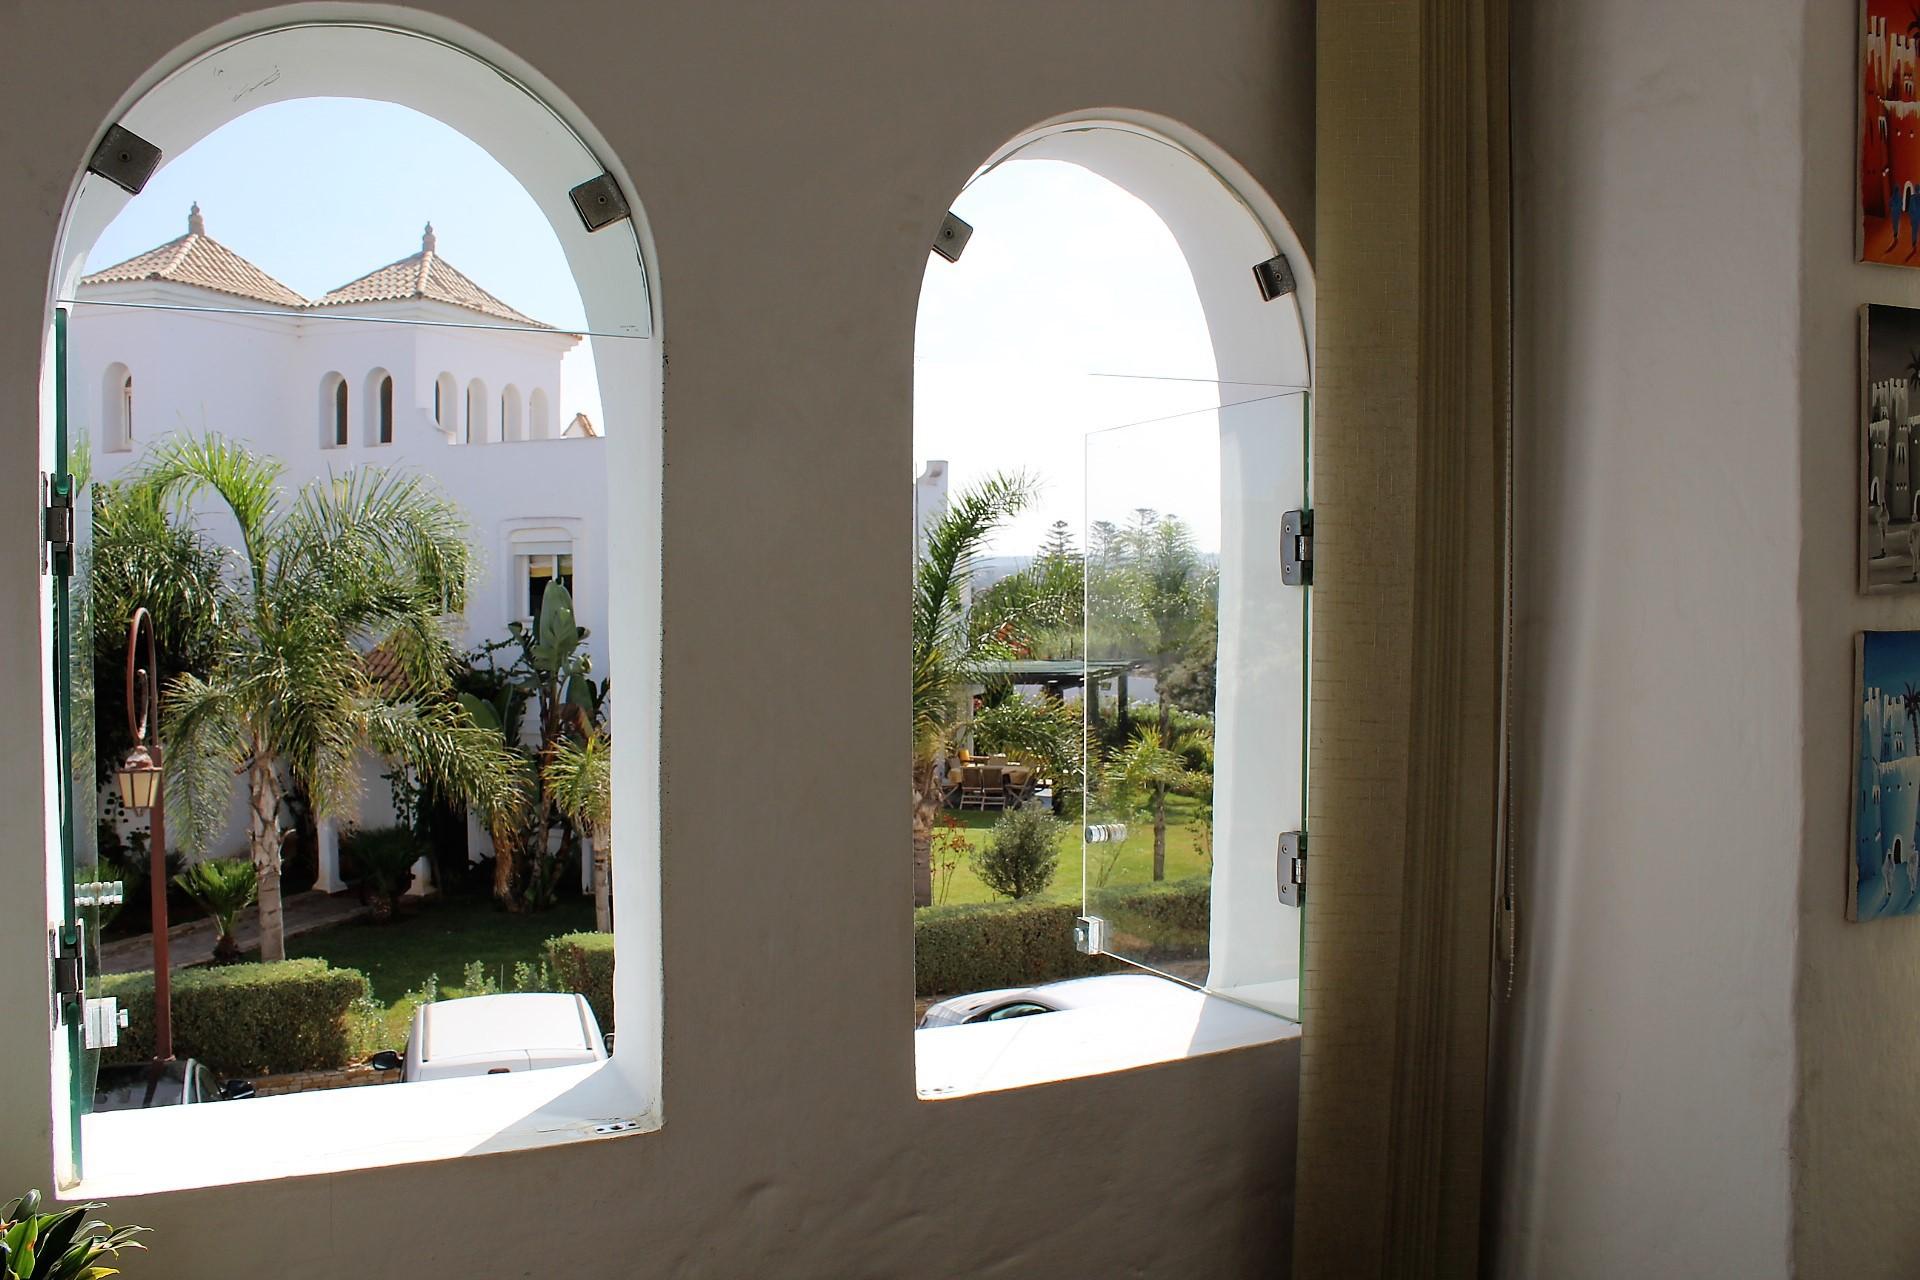 Maroc, grand Casablanca, Dar Bouazza, à louer meublé dans résidence pour privilégiés avec marina.  Vous voulez vivre à l'espagnole?